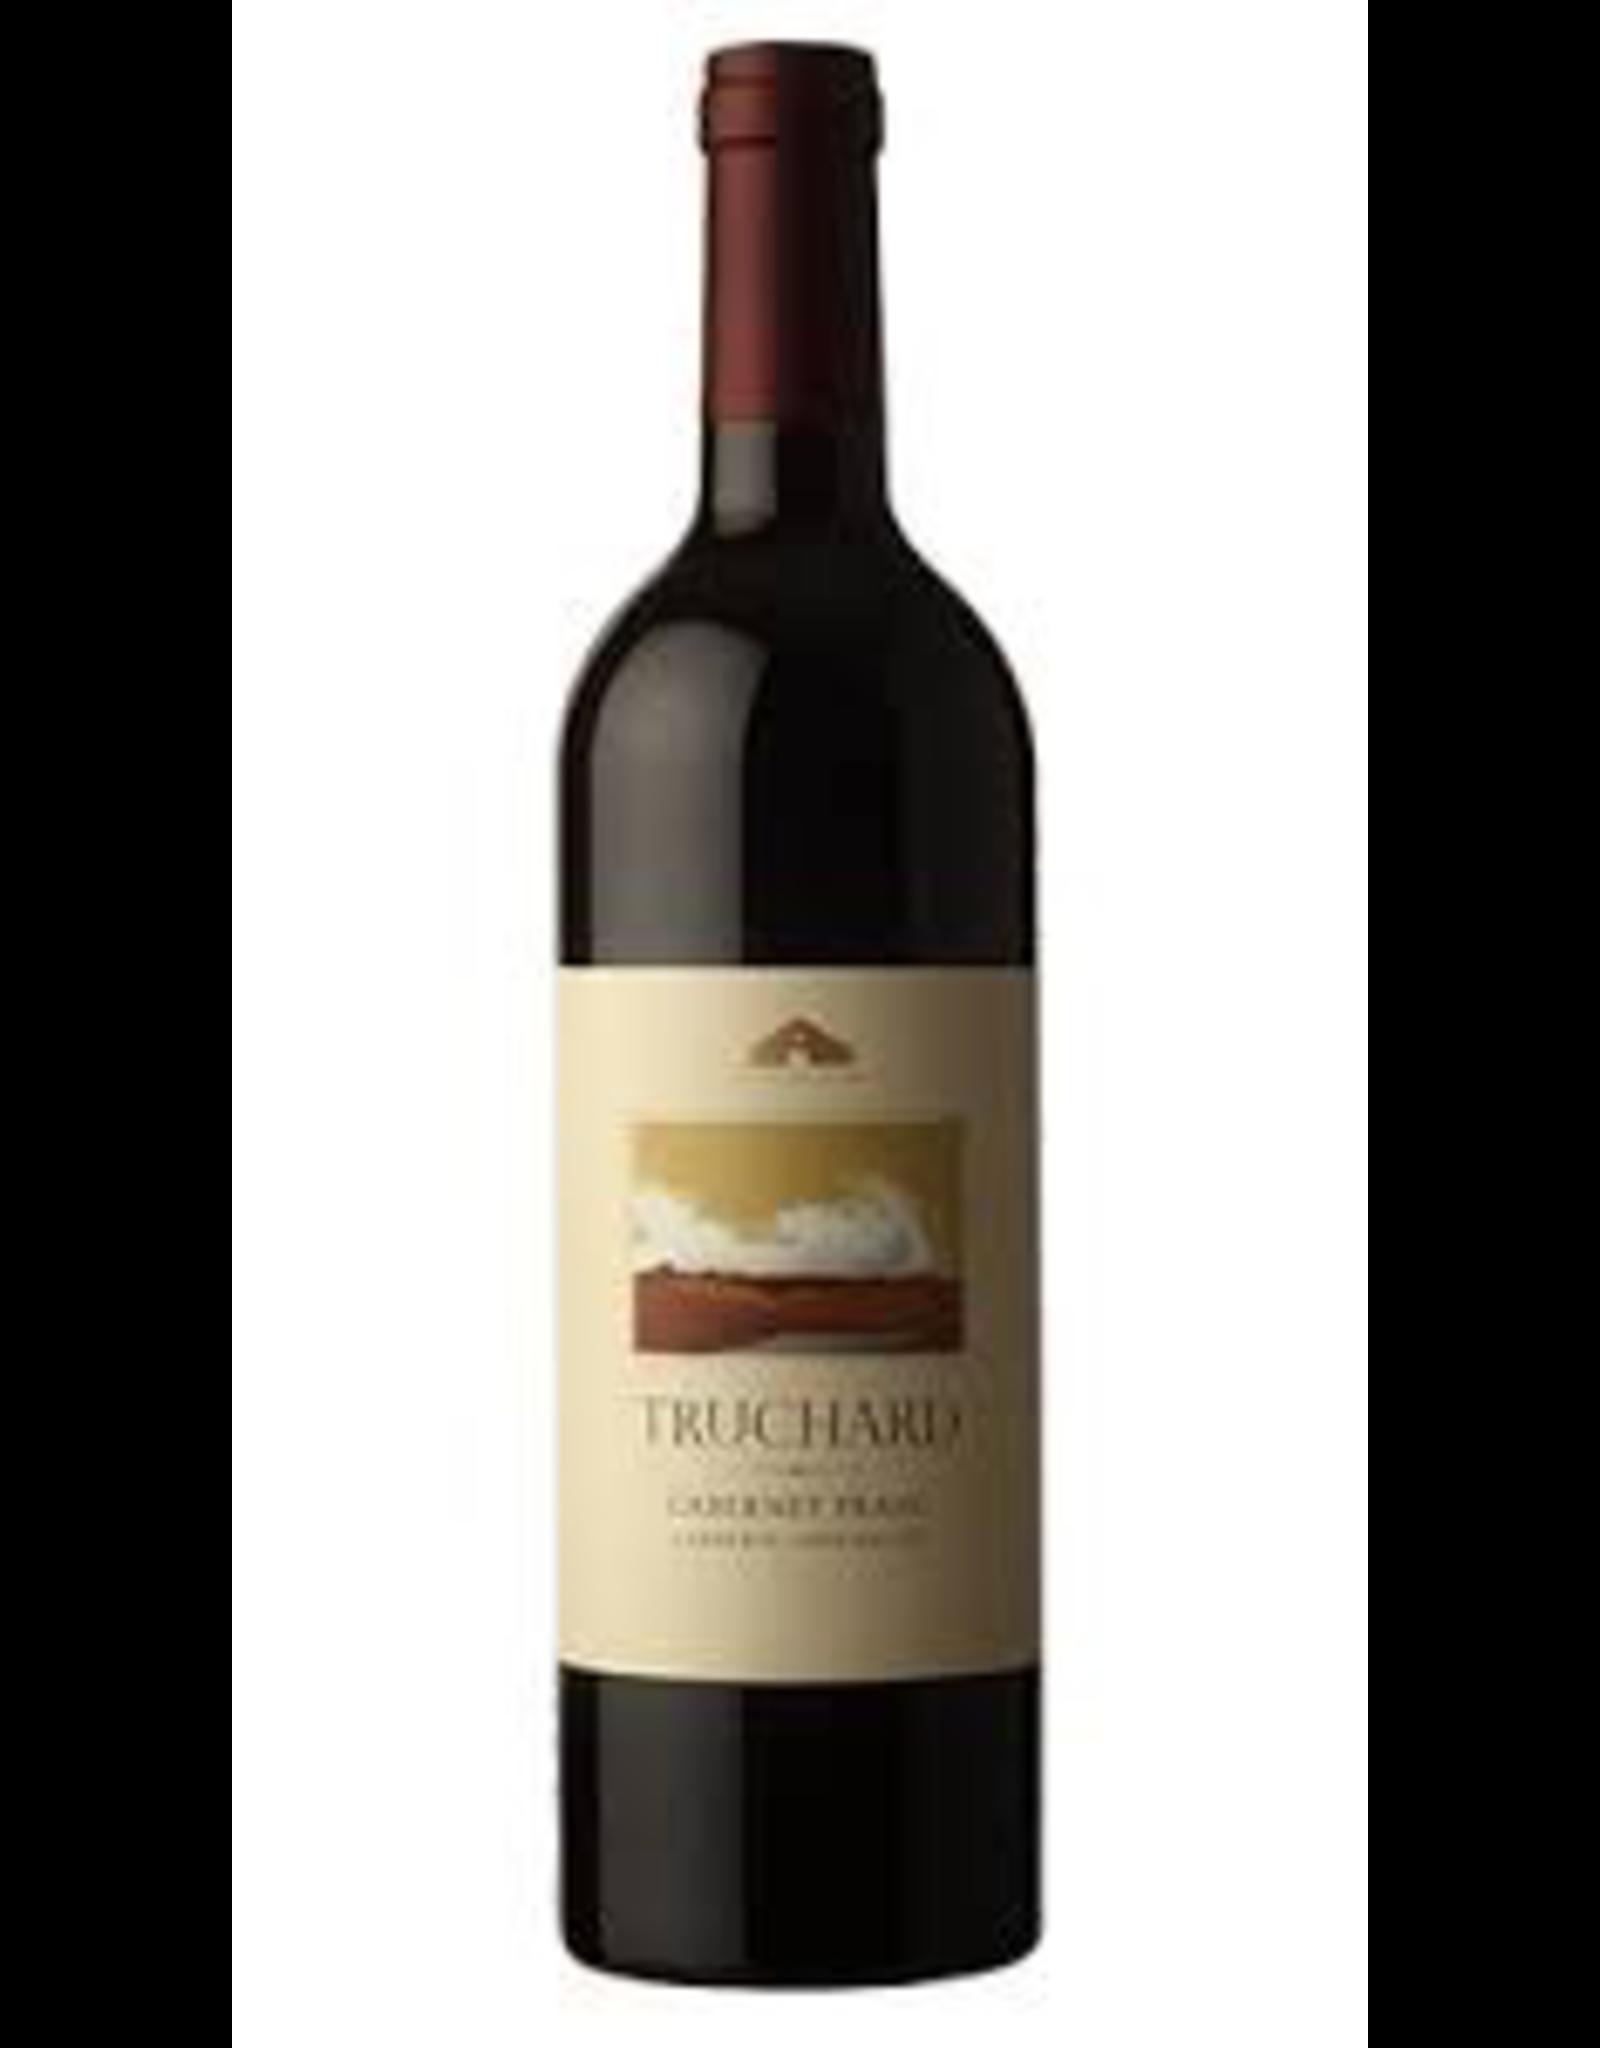 Red Wine 2018, Truchard Vineyards, Cabernet Franc, Carneros, Napa, California, 14.2% Alc, CTnr TW93